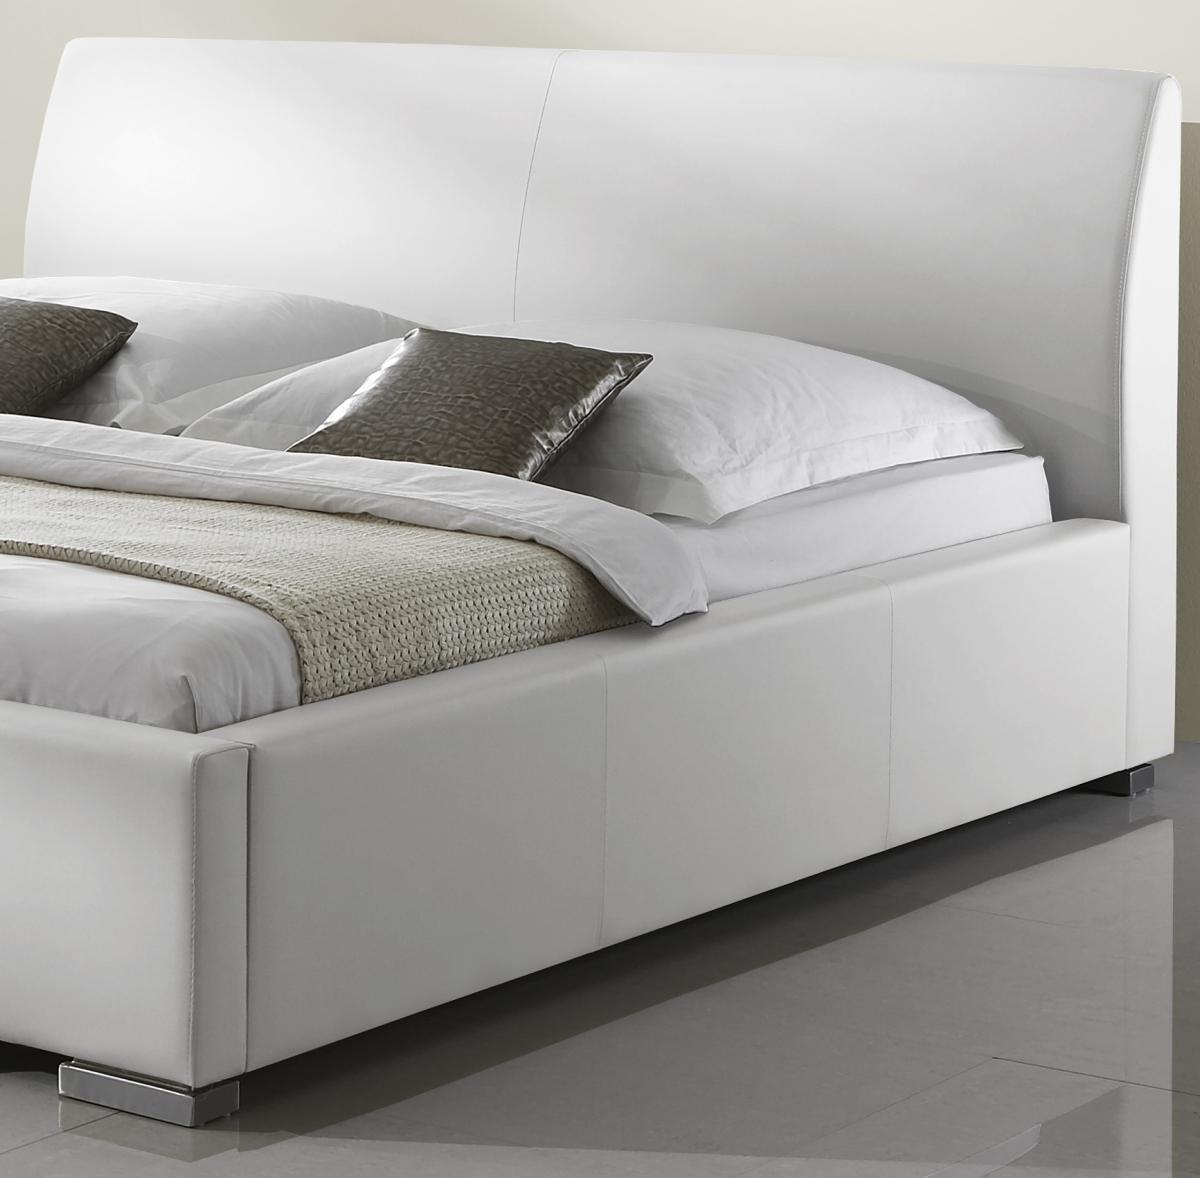 leder bett polsterbett amor lederbett weiss oder. Black Bedroom Furniture Sets. Home Design Ideas